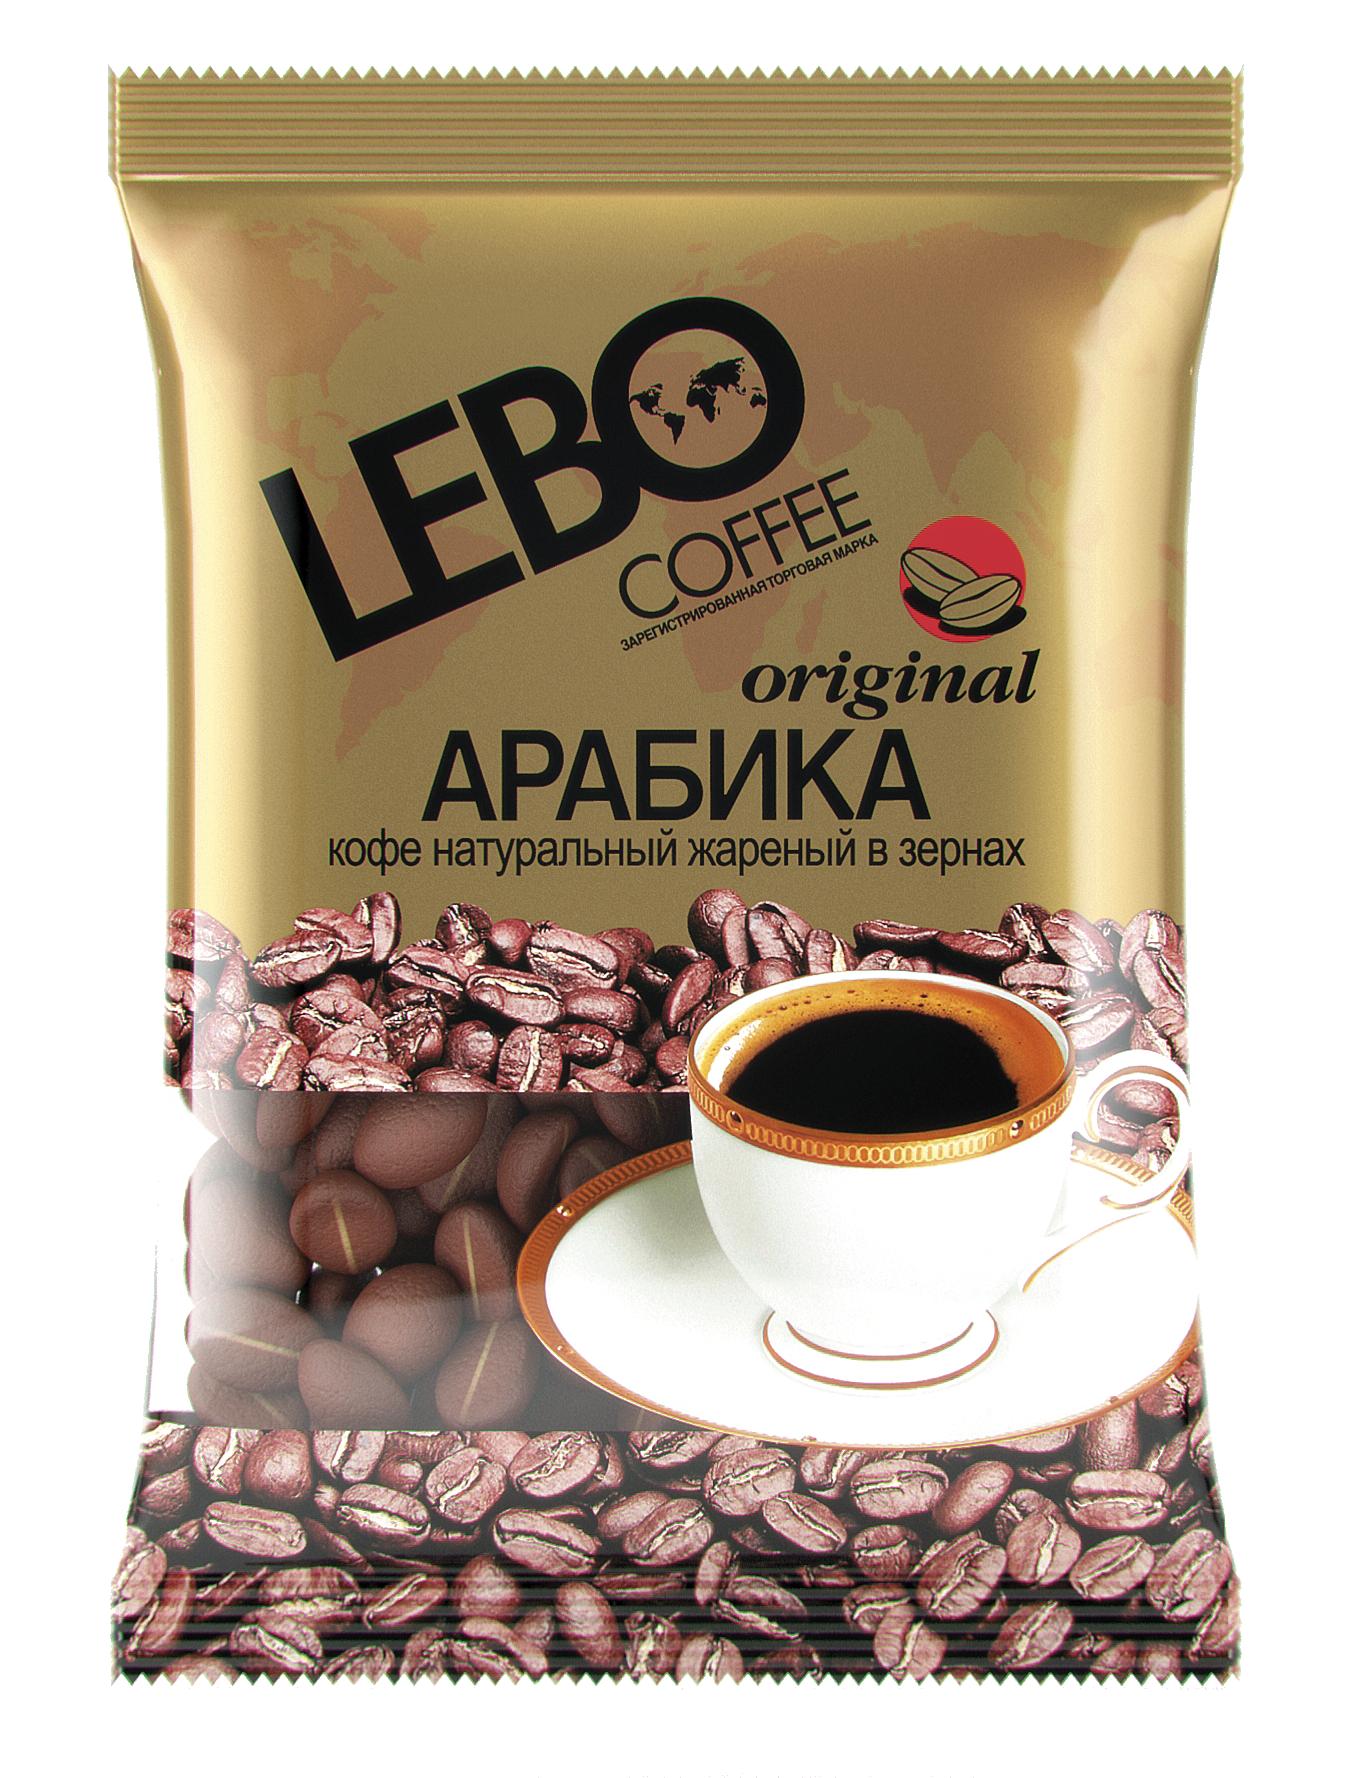 Кофе Lebo Original в зернах 100 г